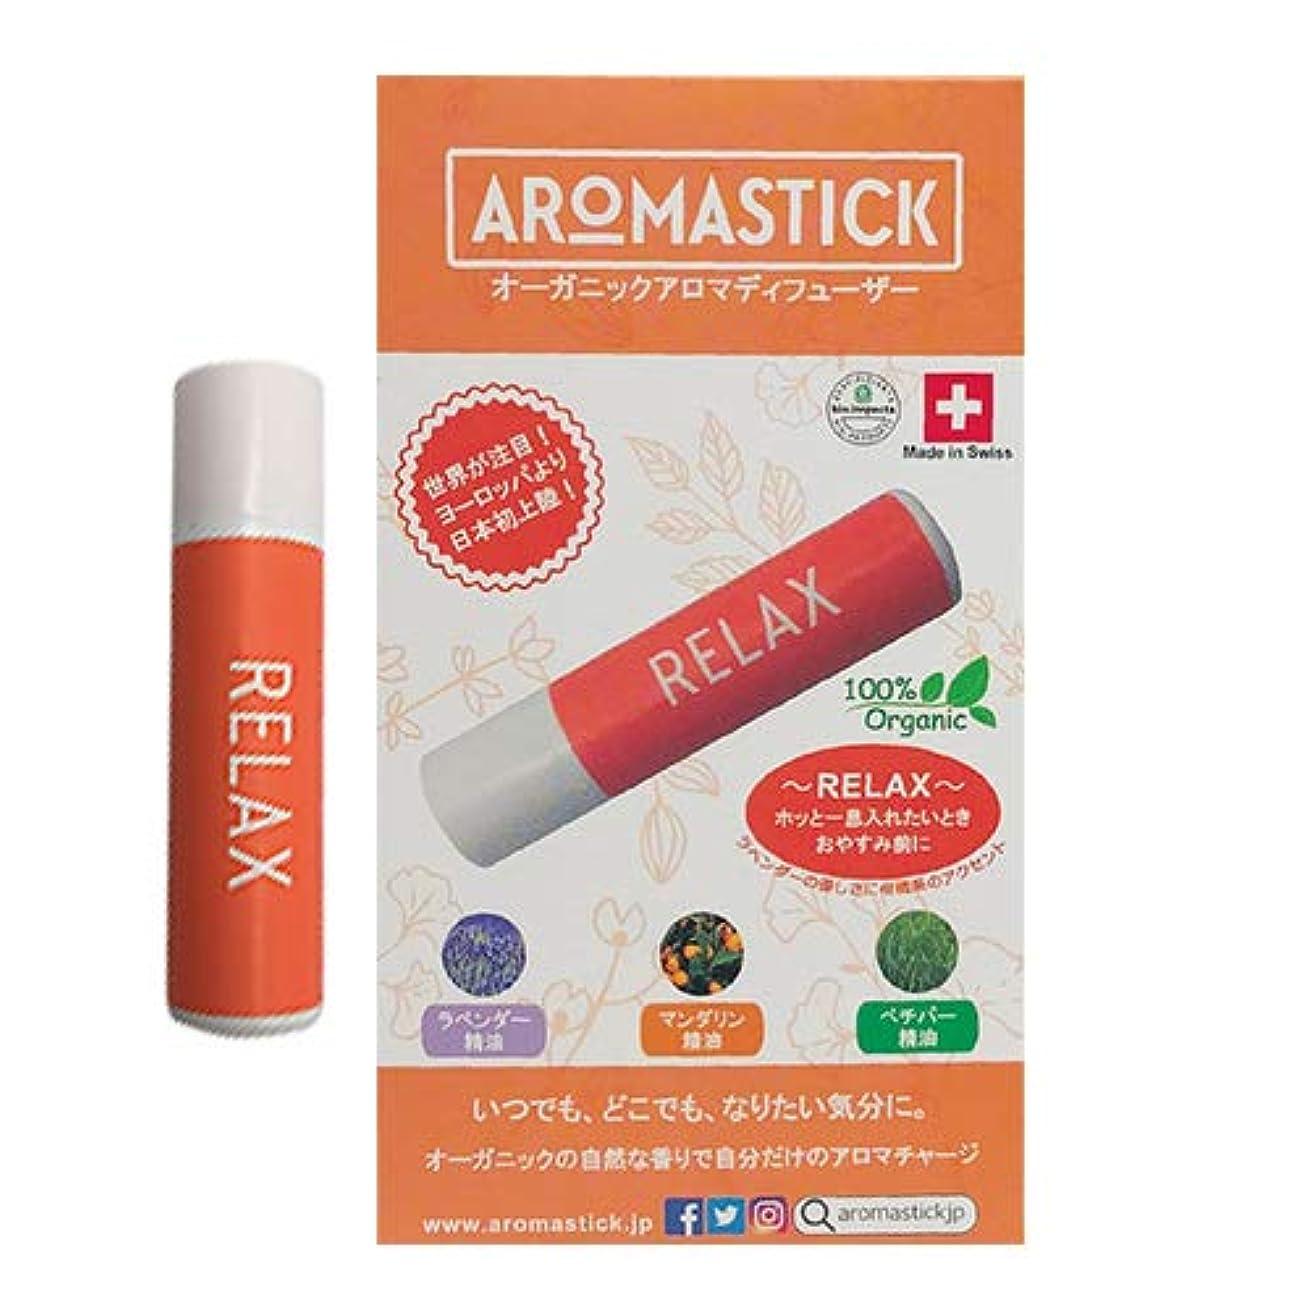 飼い慣らす恨みに同意するオーガニックアロマディフューザー アロマスティック(aromastick) リラックス [RELAX] ×3個セット